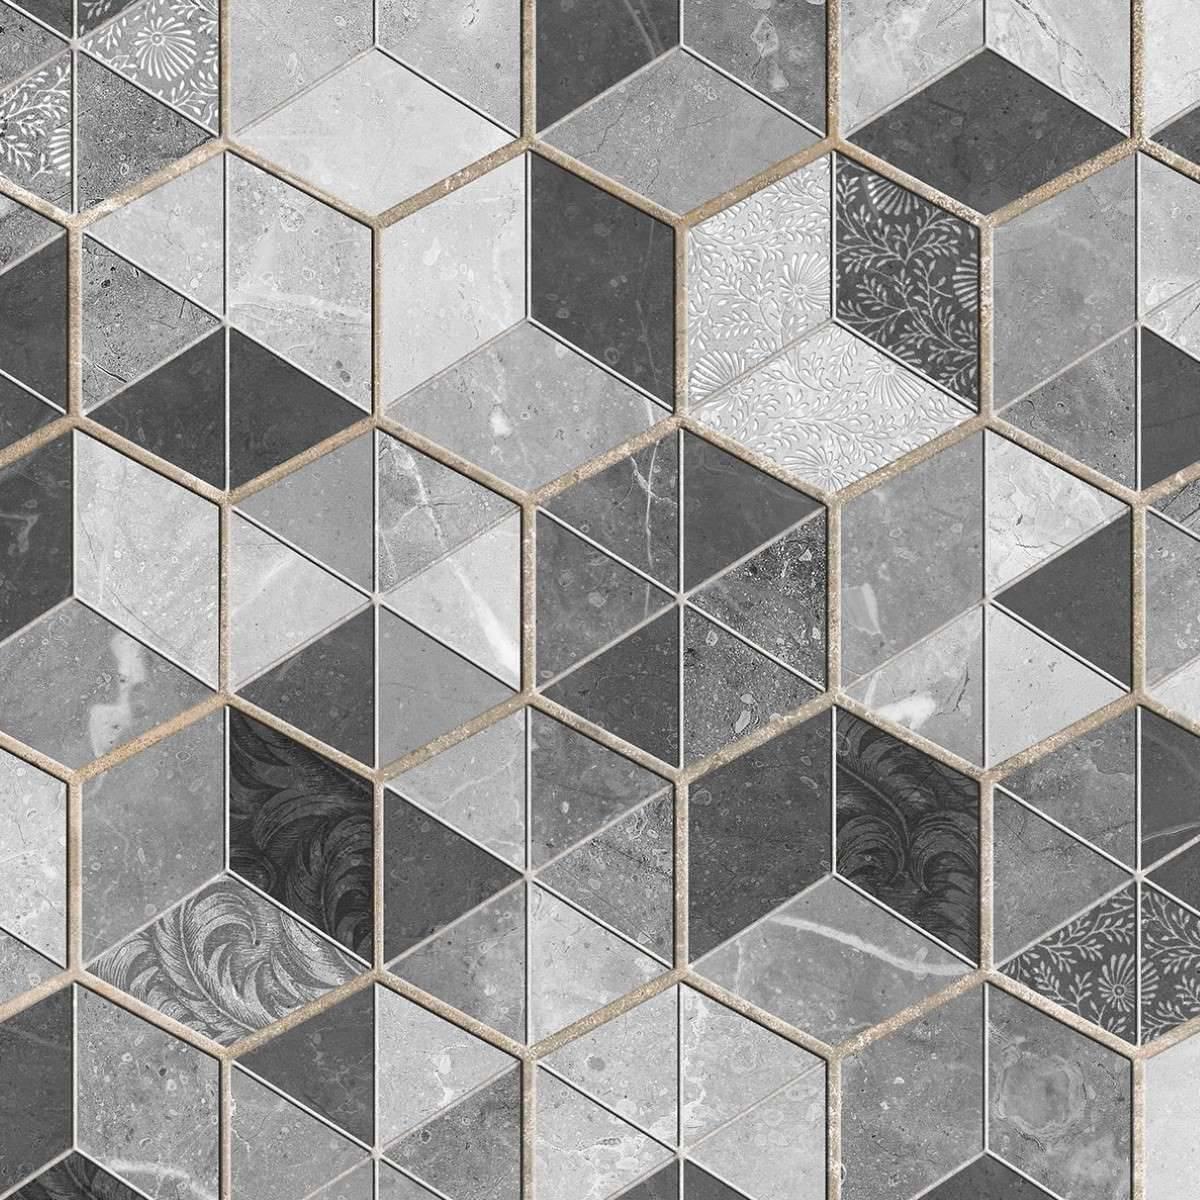 Papel de Parede Geométrico Cubos | Adesivo Vinílico imagem 2